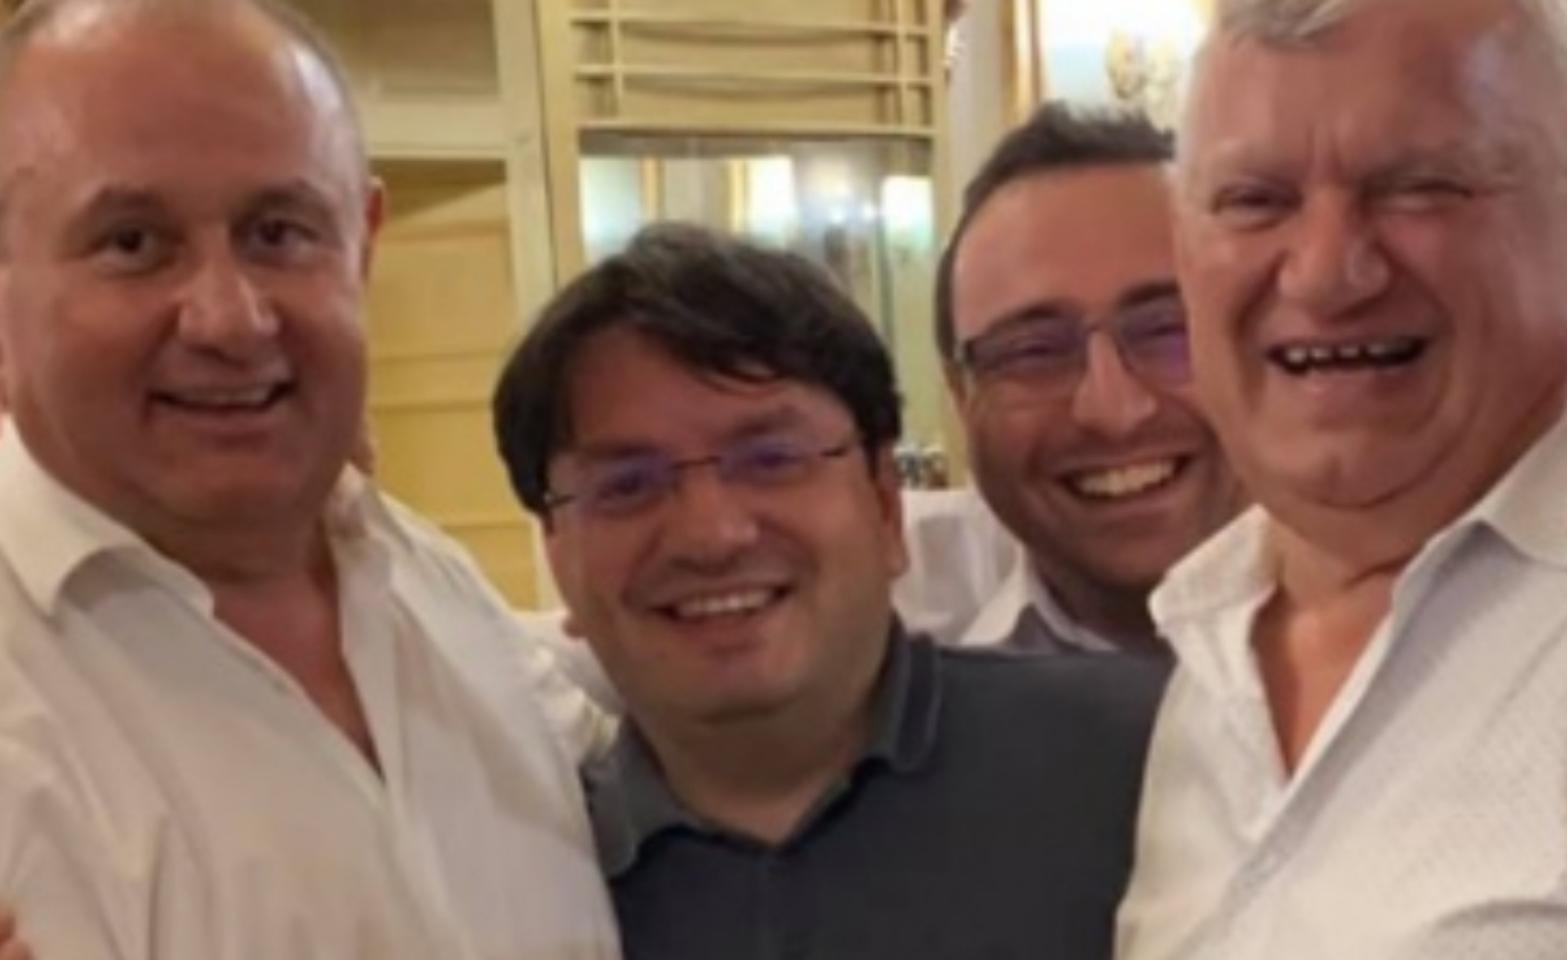 3 parlamentari care au plecat din PSD din convingere s-au întors în PSD de foame!